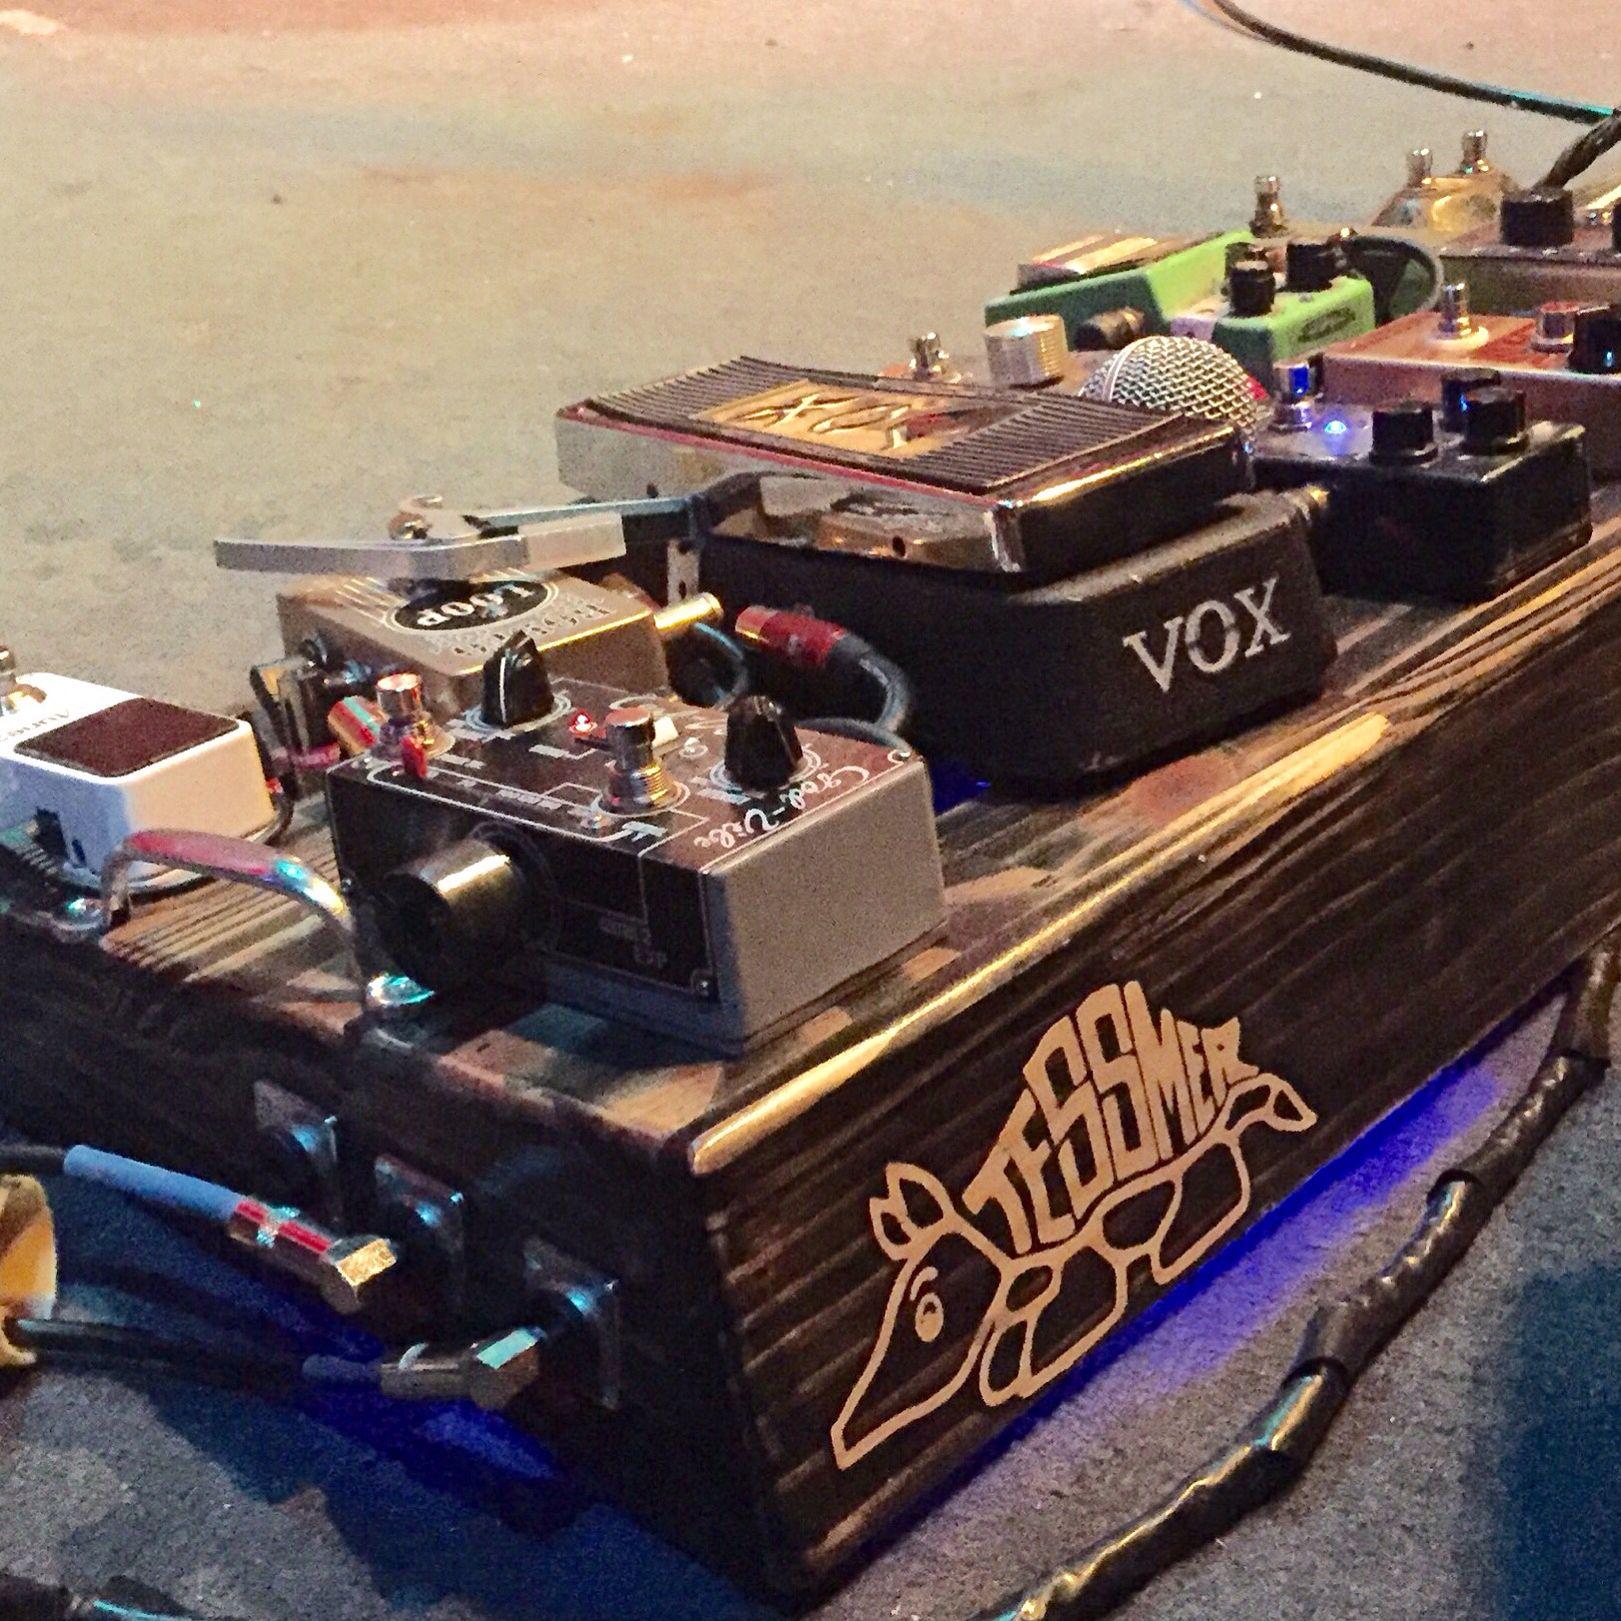 Relic pedalboard